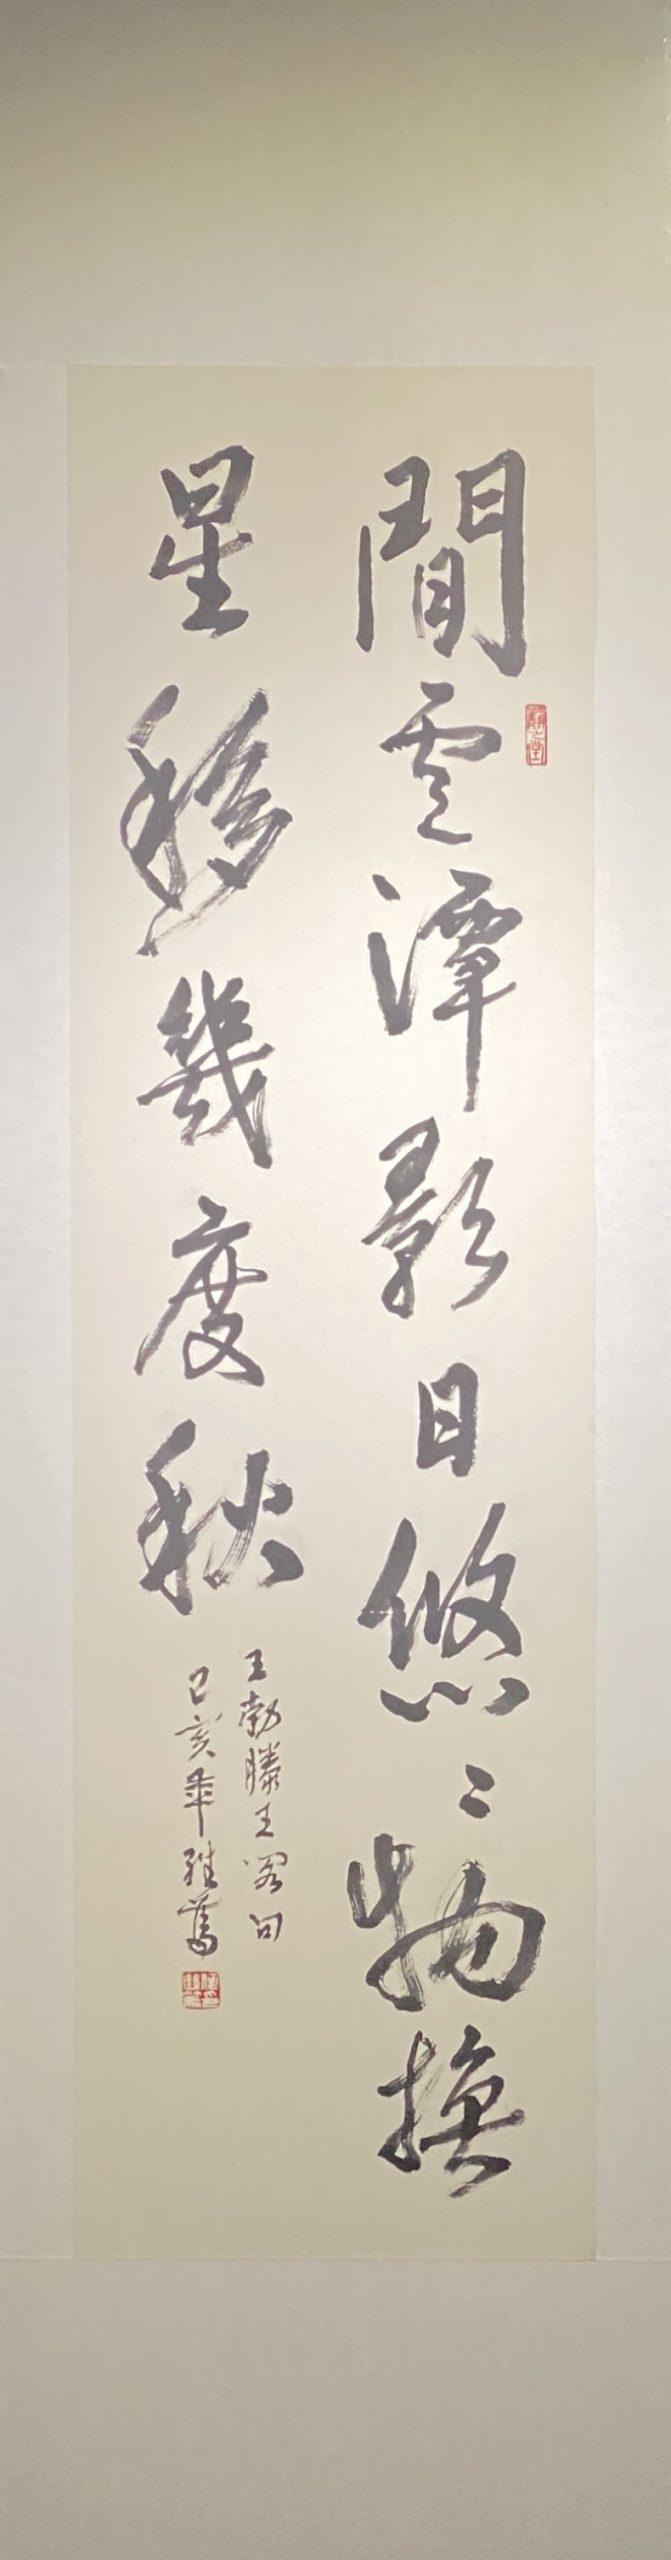 王勃滕王閣句-2019-書-150×41cm-「丹青を振りかけ、詩情を送る-何継篤個人書画展」成都市美術館